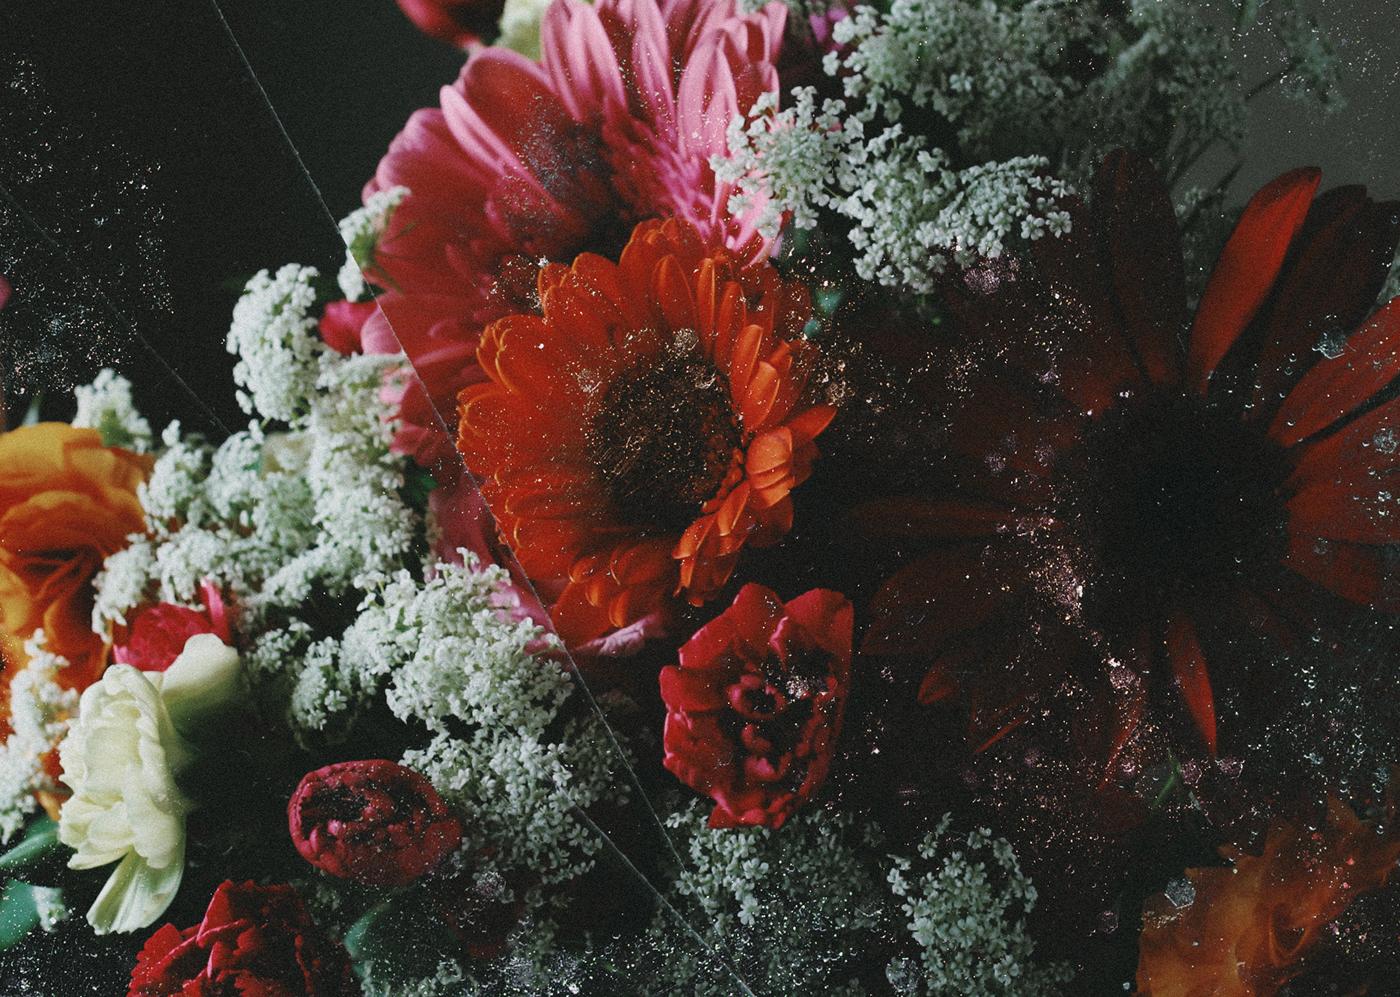 馥郁 redolent of flowers / miki takahashi 高橋未希